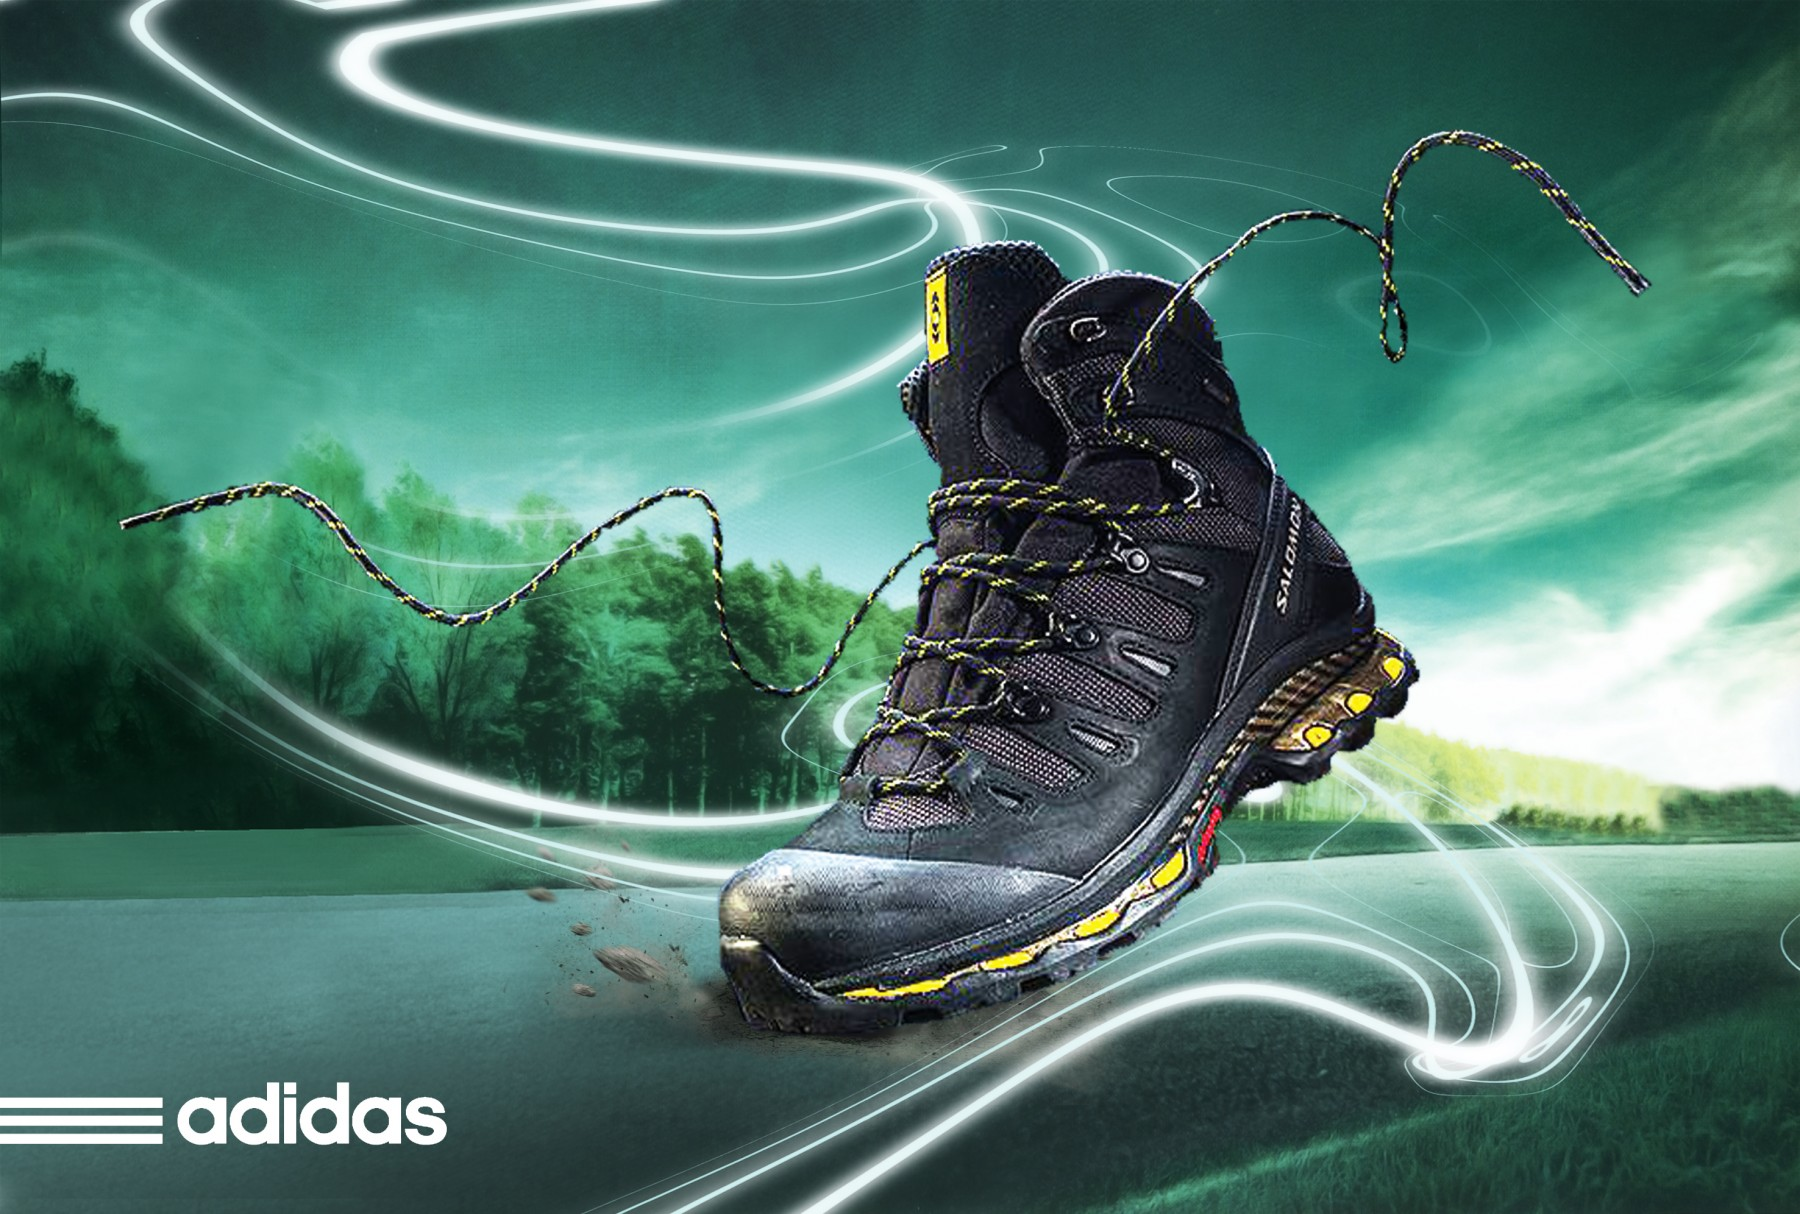 Poster quảng cáo giày thể thao Adidas